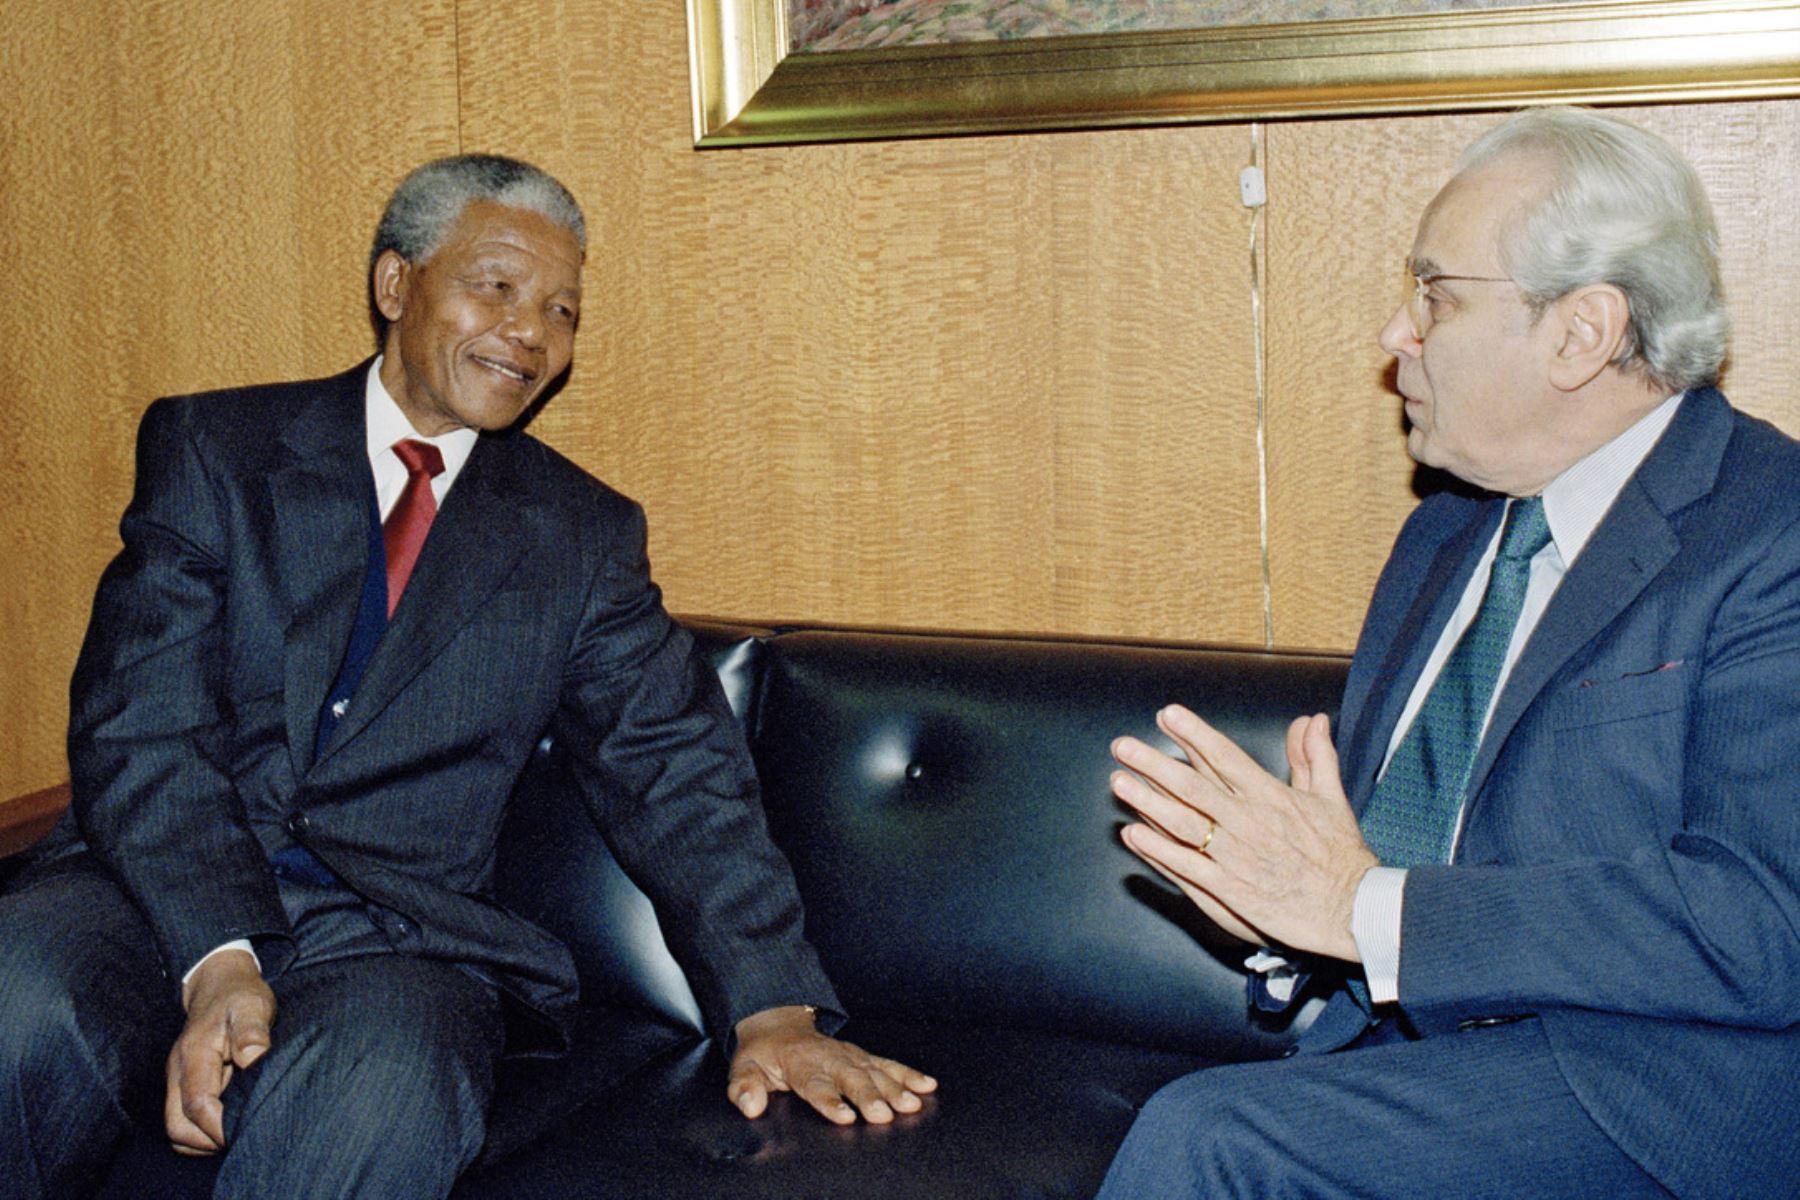 Naciones Unidas, Nueva York - 3 diciembre 1991 / El secretario general de las Naciones Unidas, Javier Pérez de Cuéllar, se reúne con Nelson Mandela, Presidente del Congreso Nacional Africano. Foto: Naciones Unidas